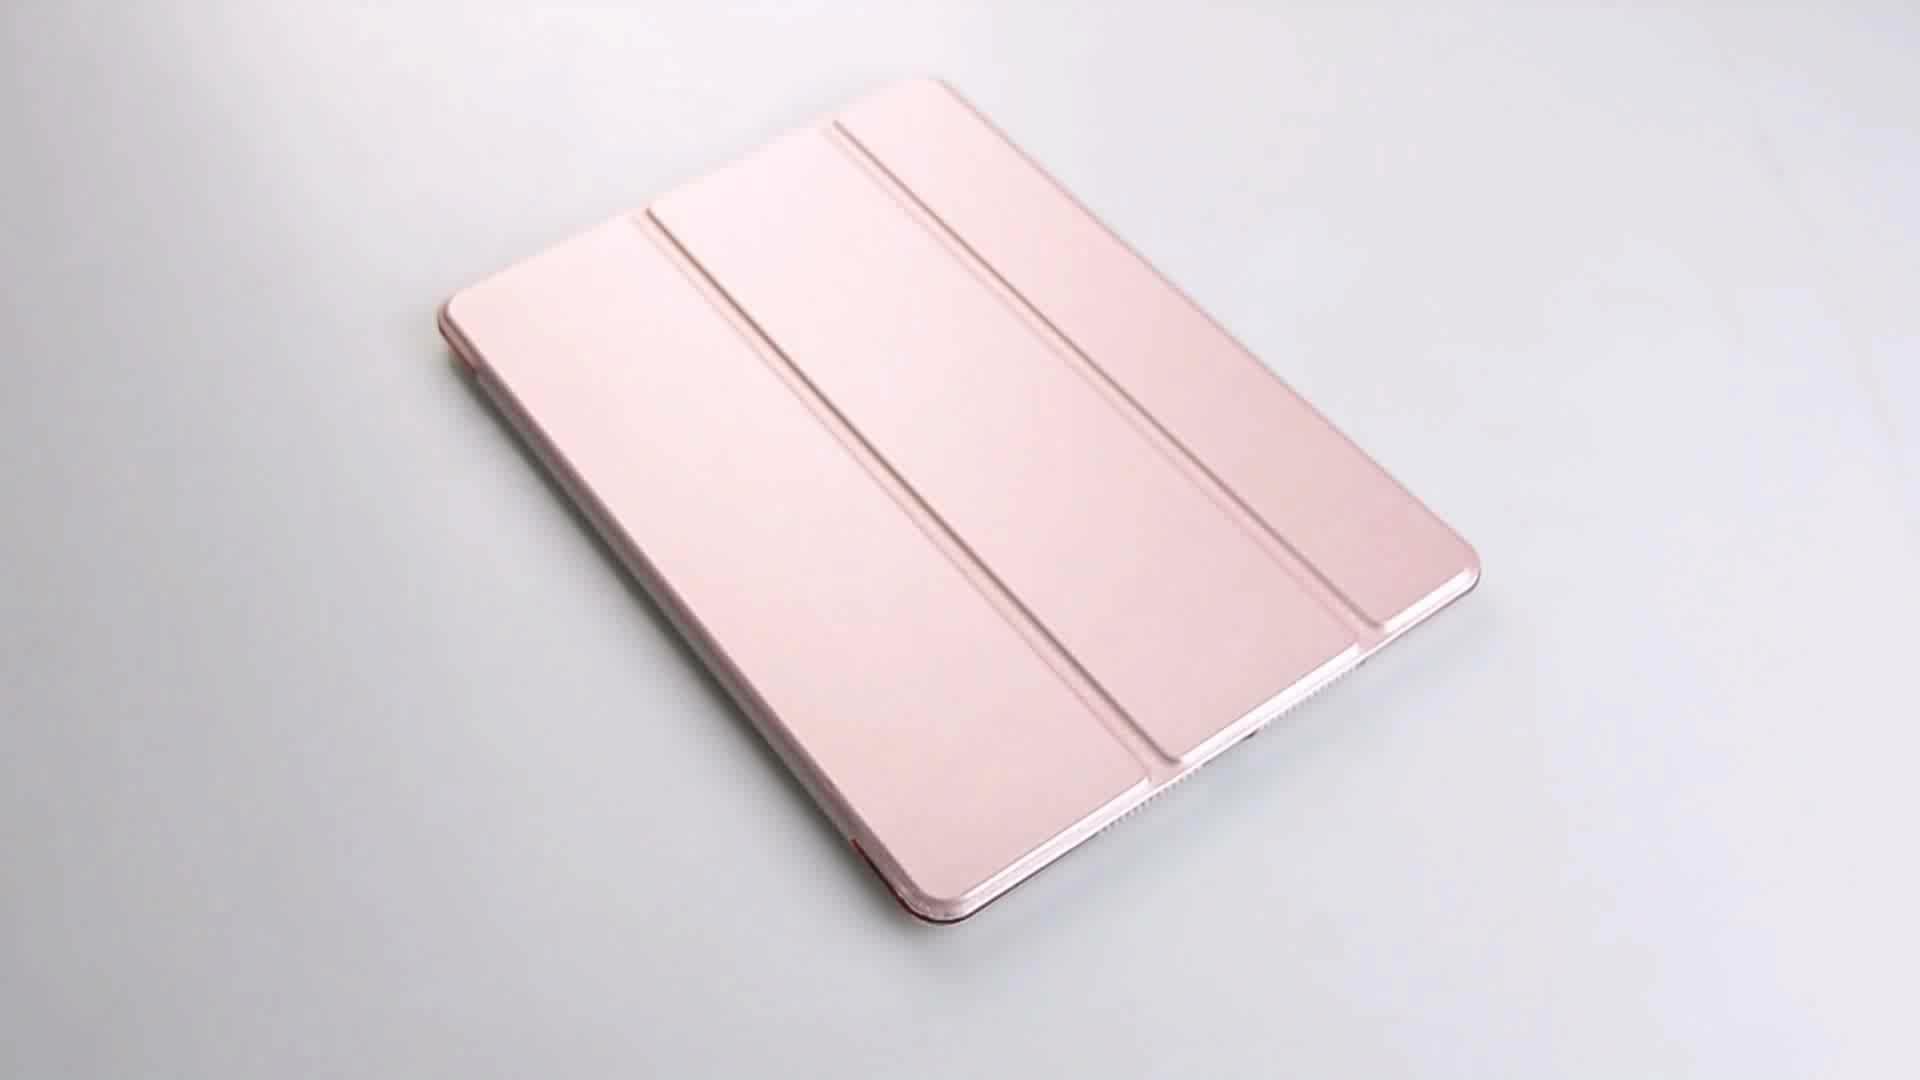 Impermeabile cinghia della cassa della clip per ipad pro 12.9 remax custodia in pelle per ipad